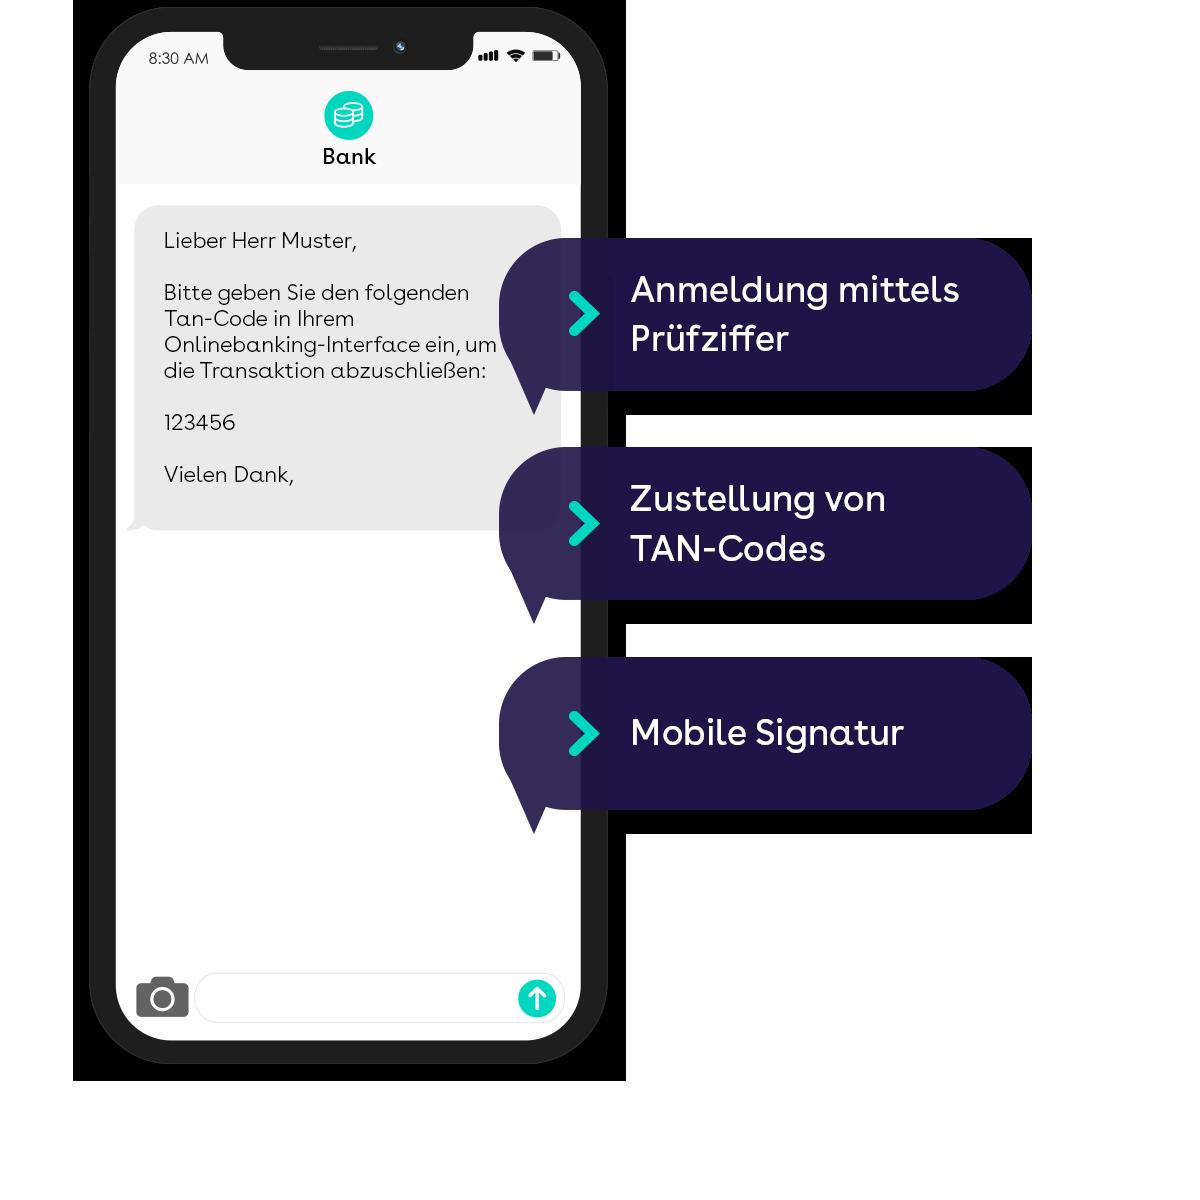 websms - Anmeldung mittels Prüfziffer, Zustellung von TAN-Codes und Mobile Signatur mittels SMS